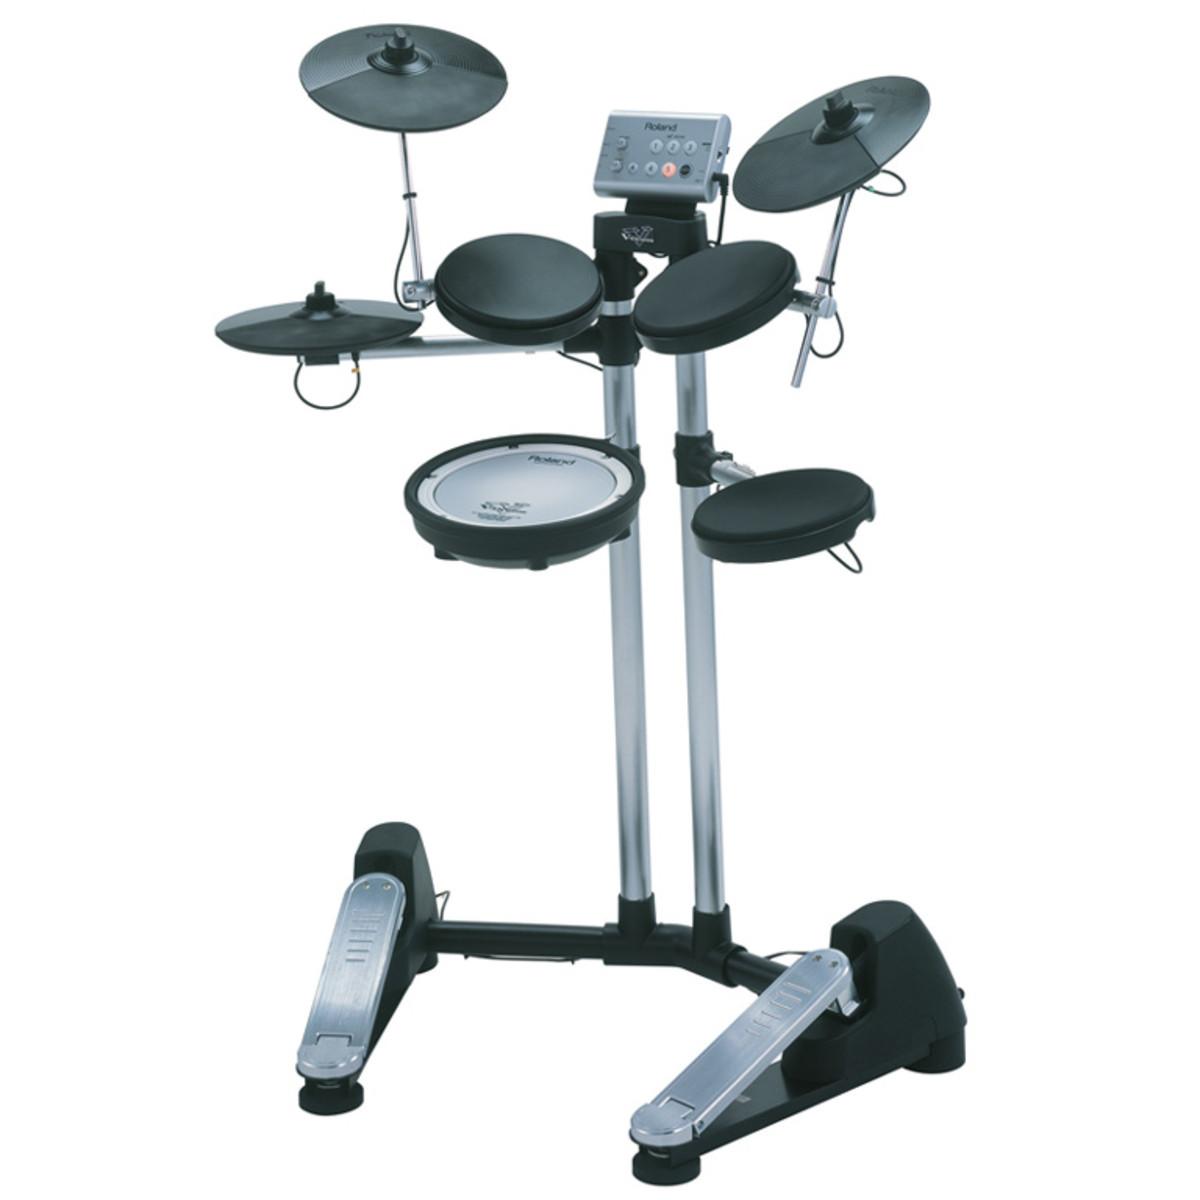 roland hd 1 v drum lite electronic kit ex demo at. Black Bedroom Furniture Sets. Home Design Ideas